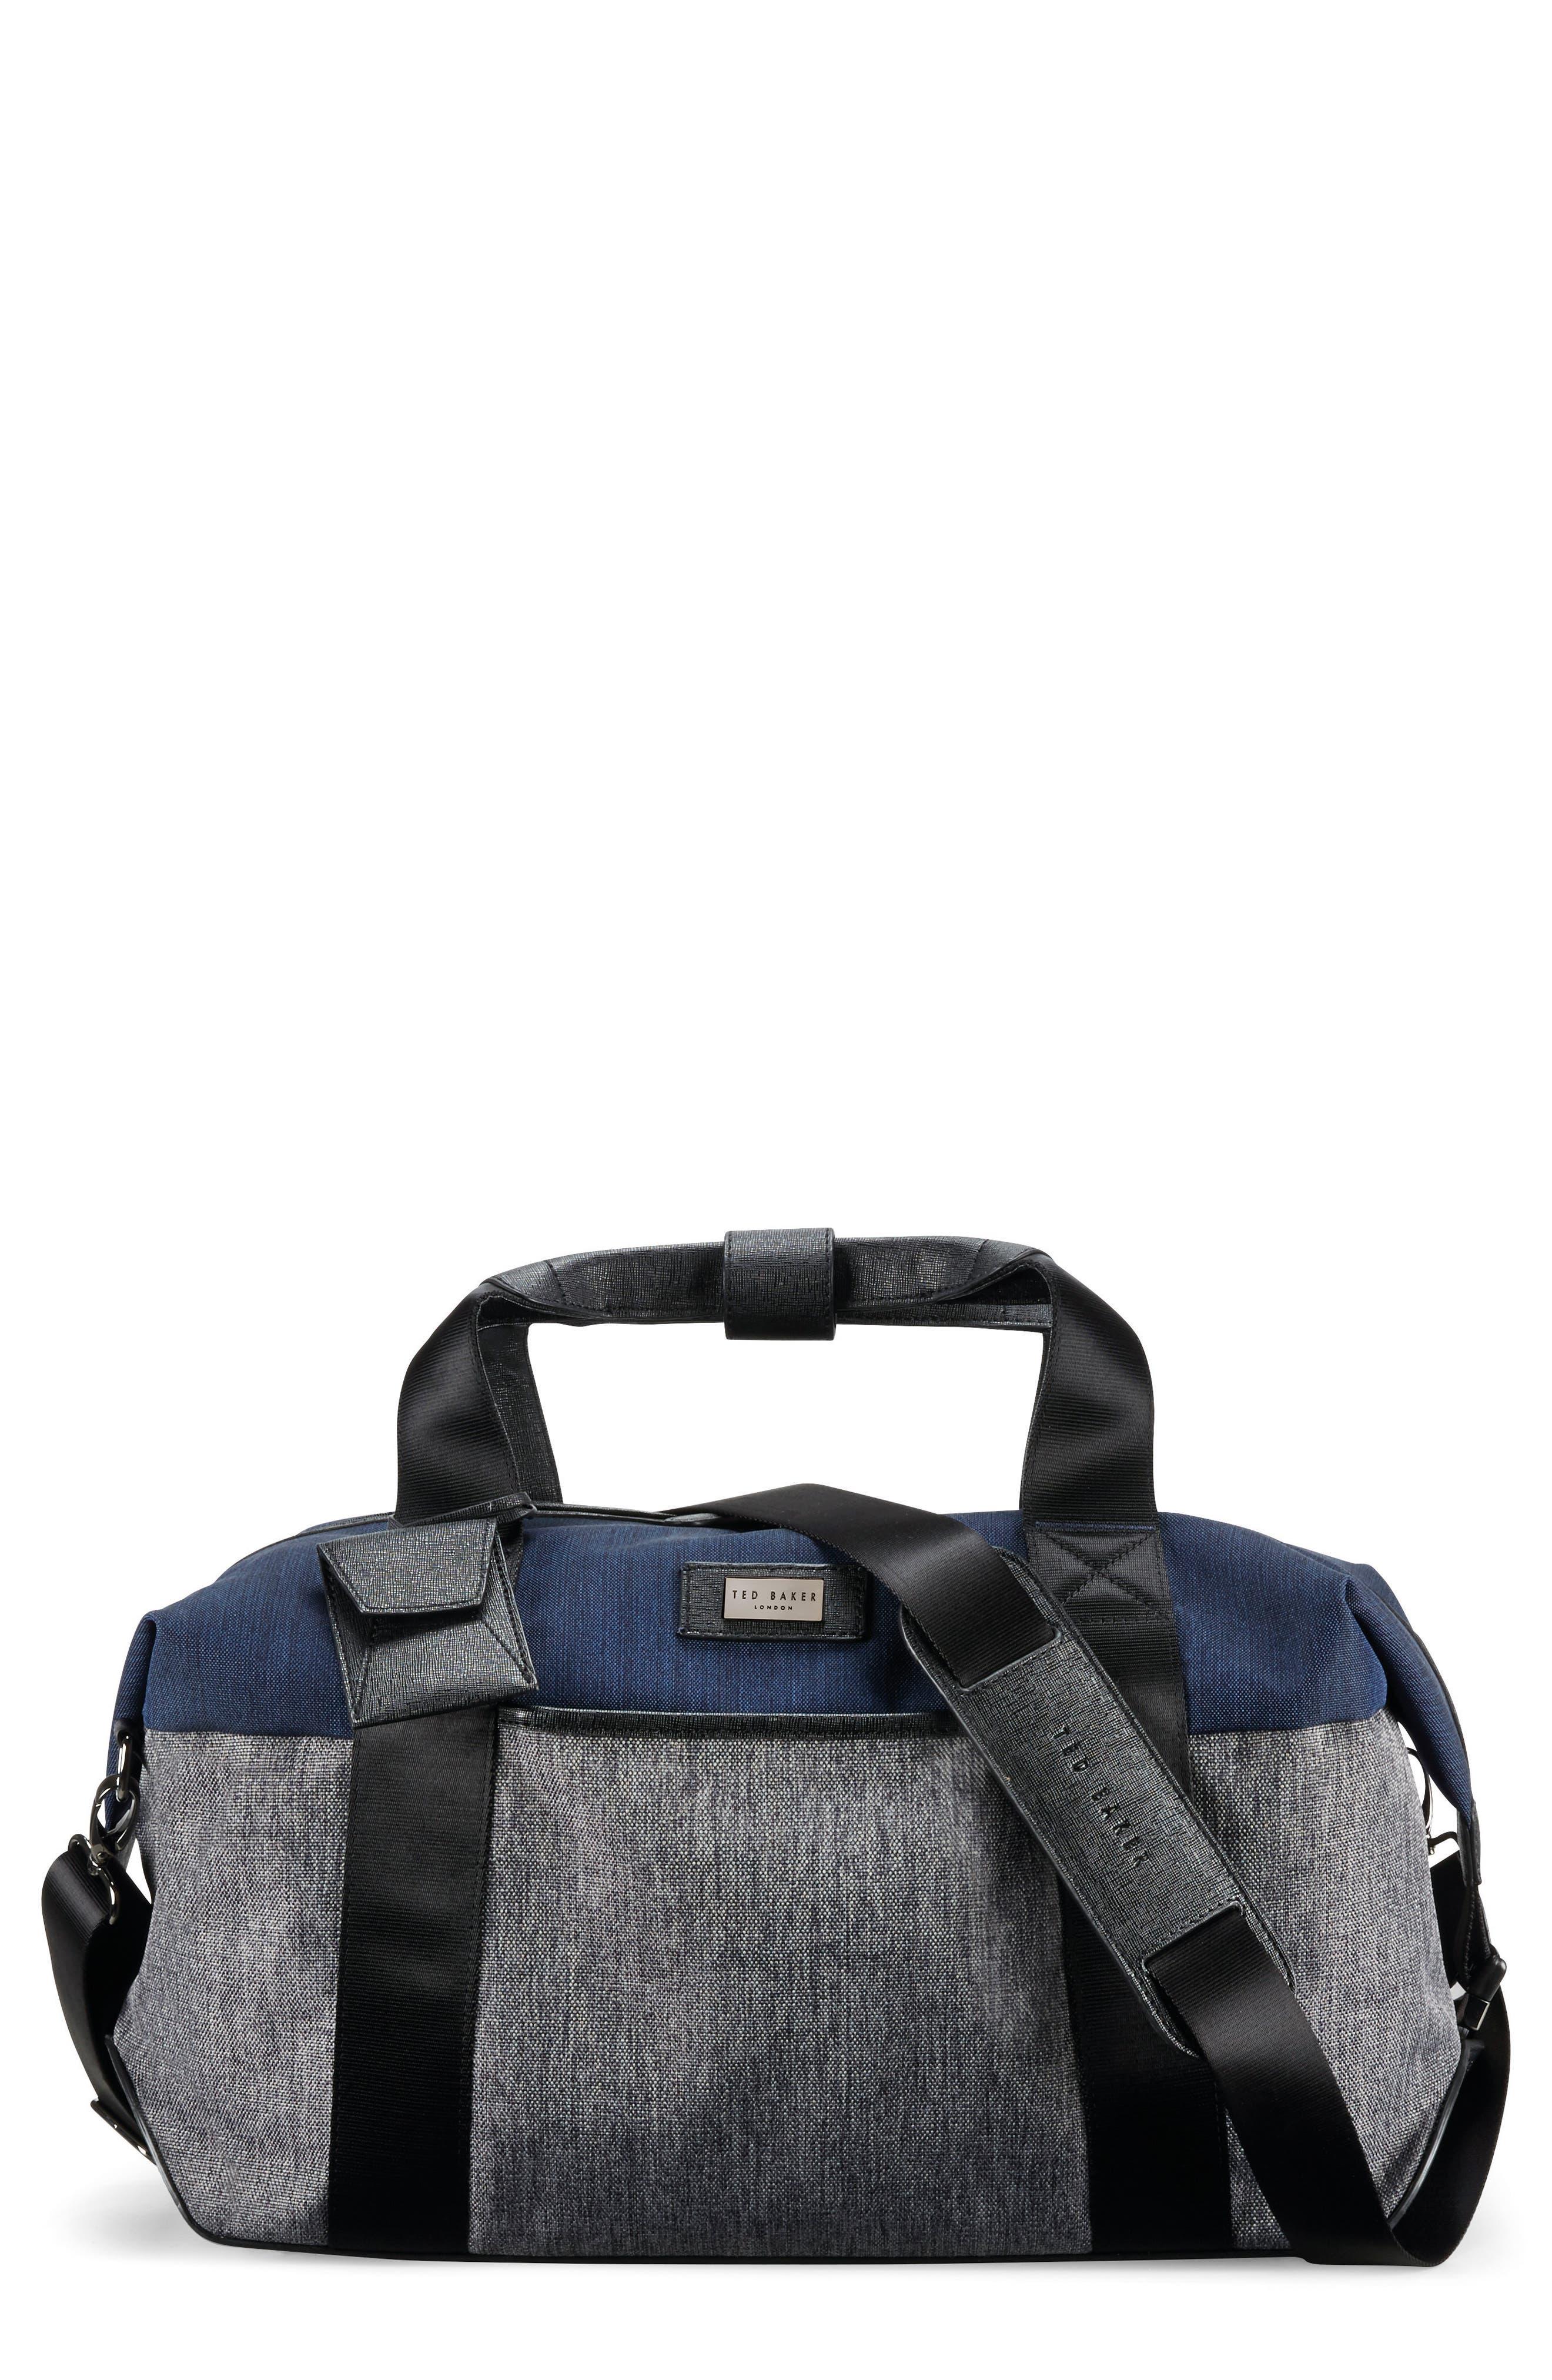 Alternate Image 1 Selected - Ted Baker London Small Brunswick Water Resistant Duffel Bag